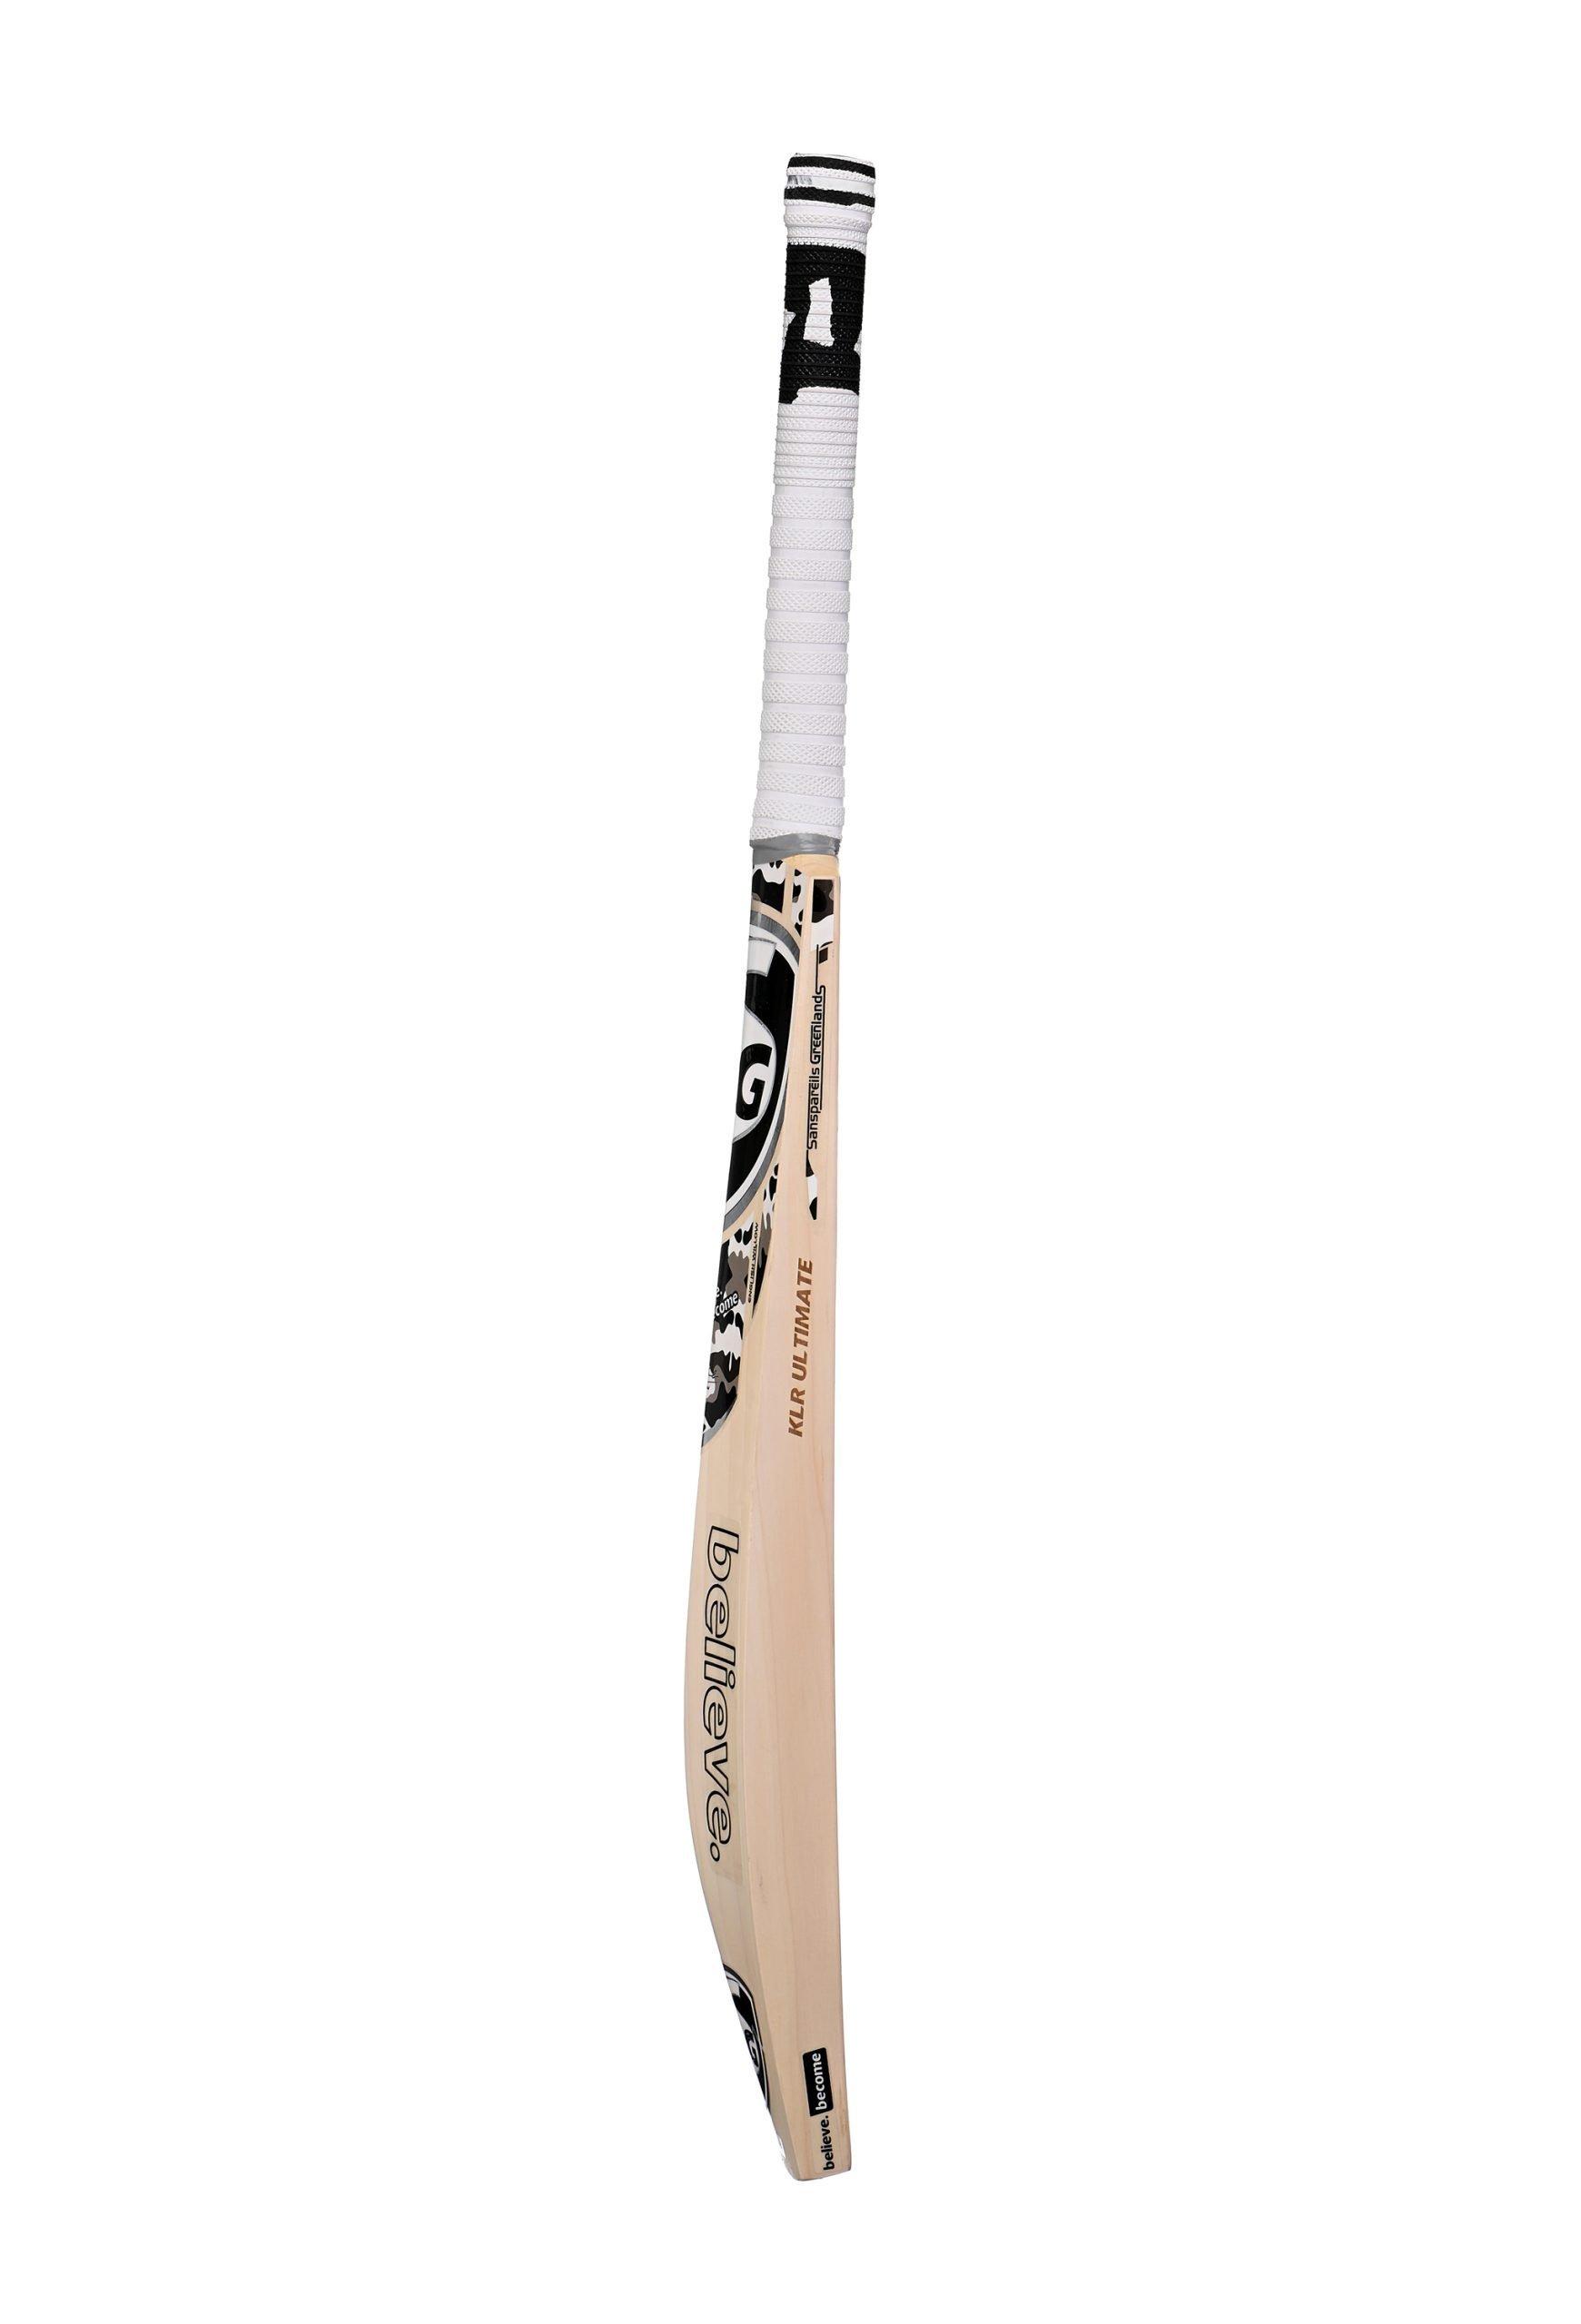 KLR Ultimate Bat